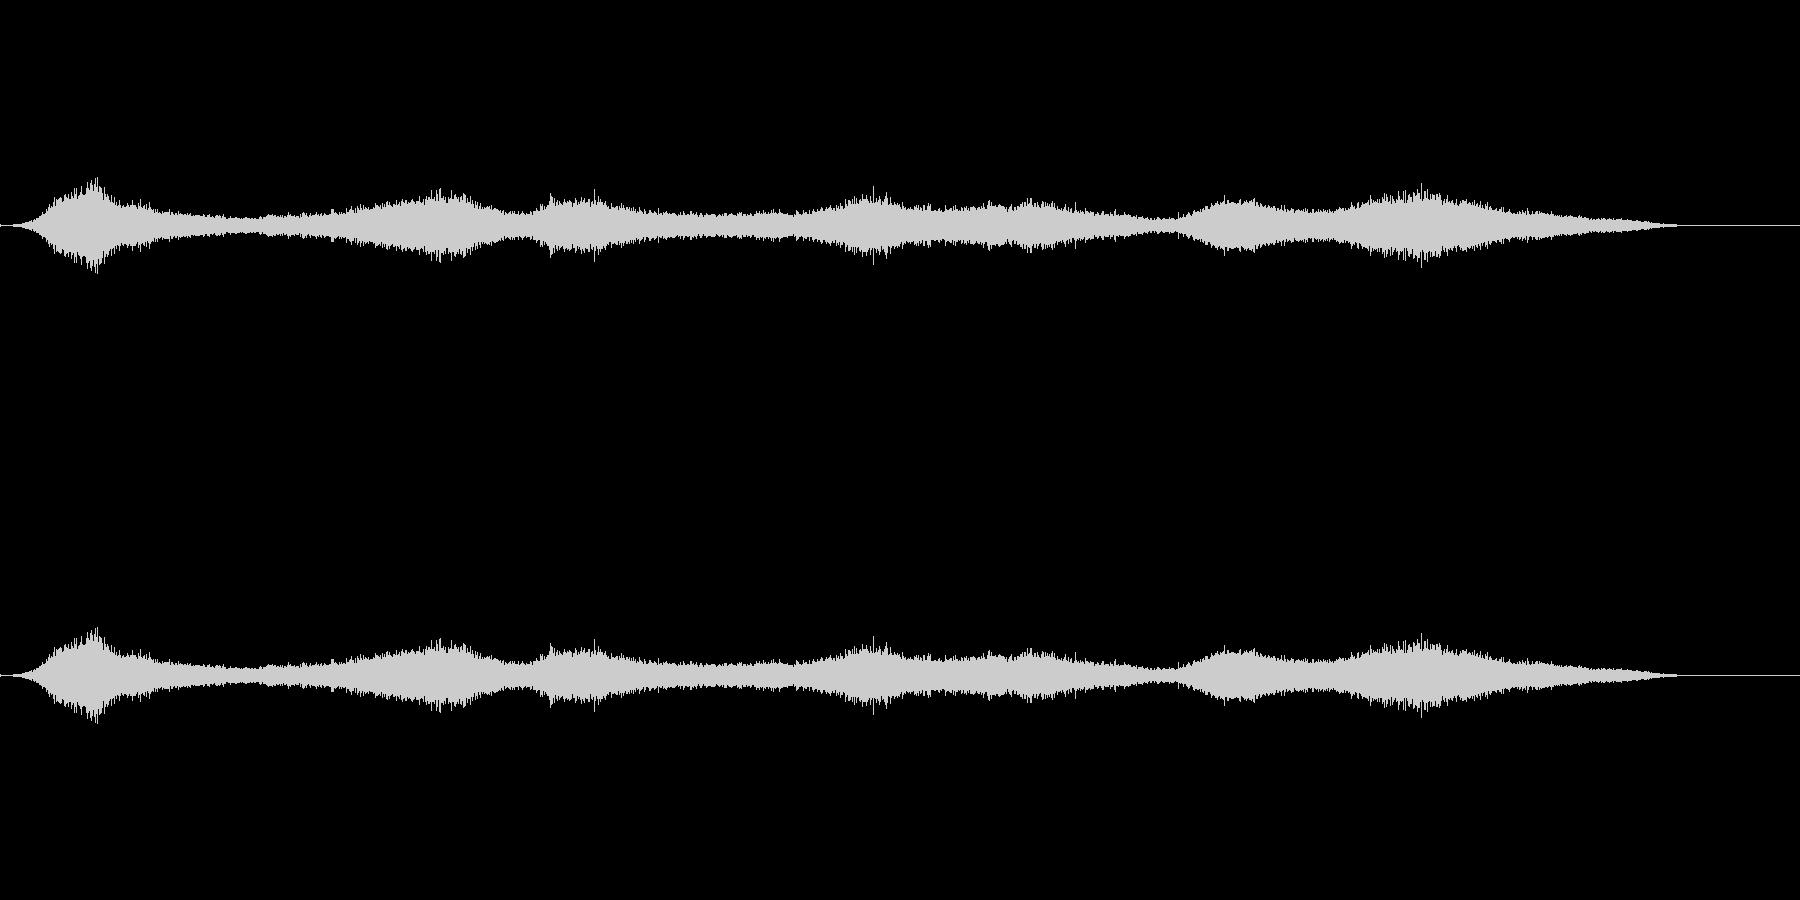 ビーチの波の未再生の波形